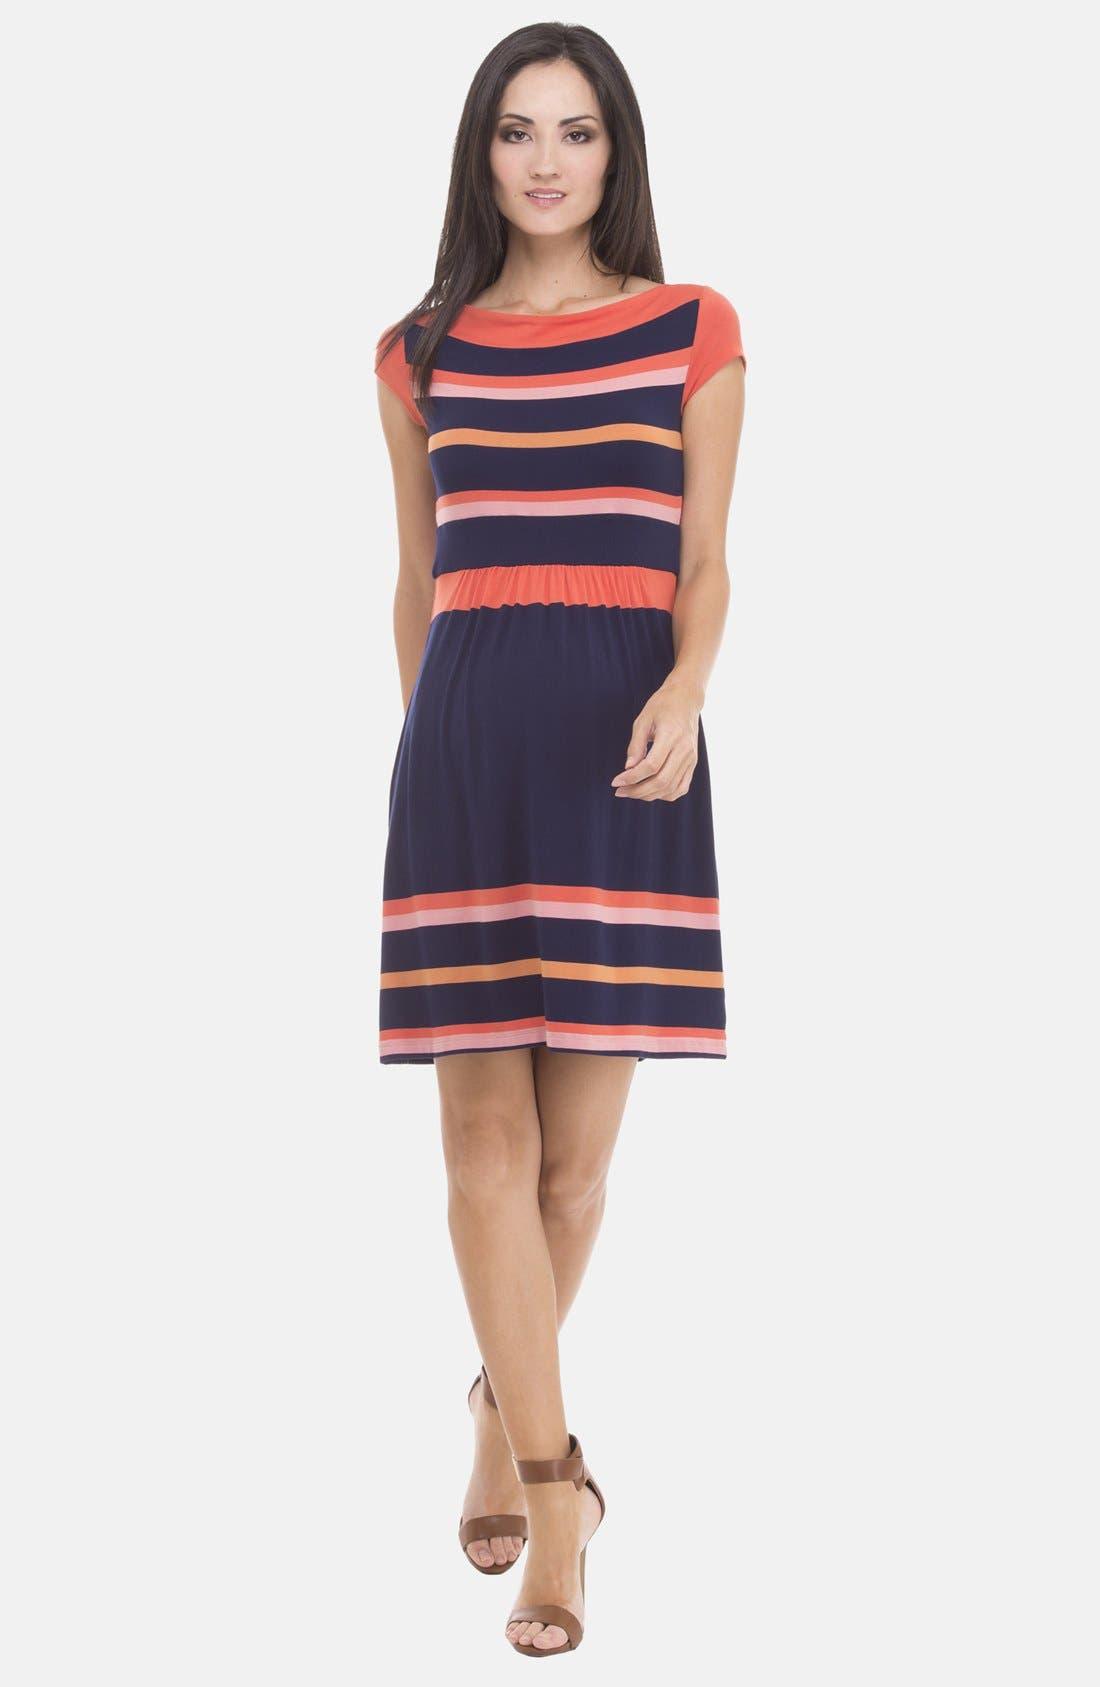 Stripe Boatneck Maternity Dress,                         Main,                         color, Navy/ Orange Stripe